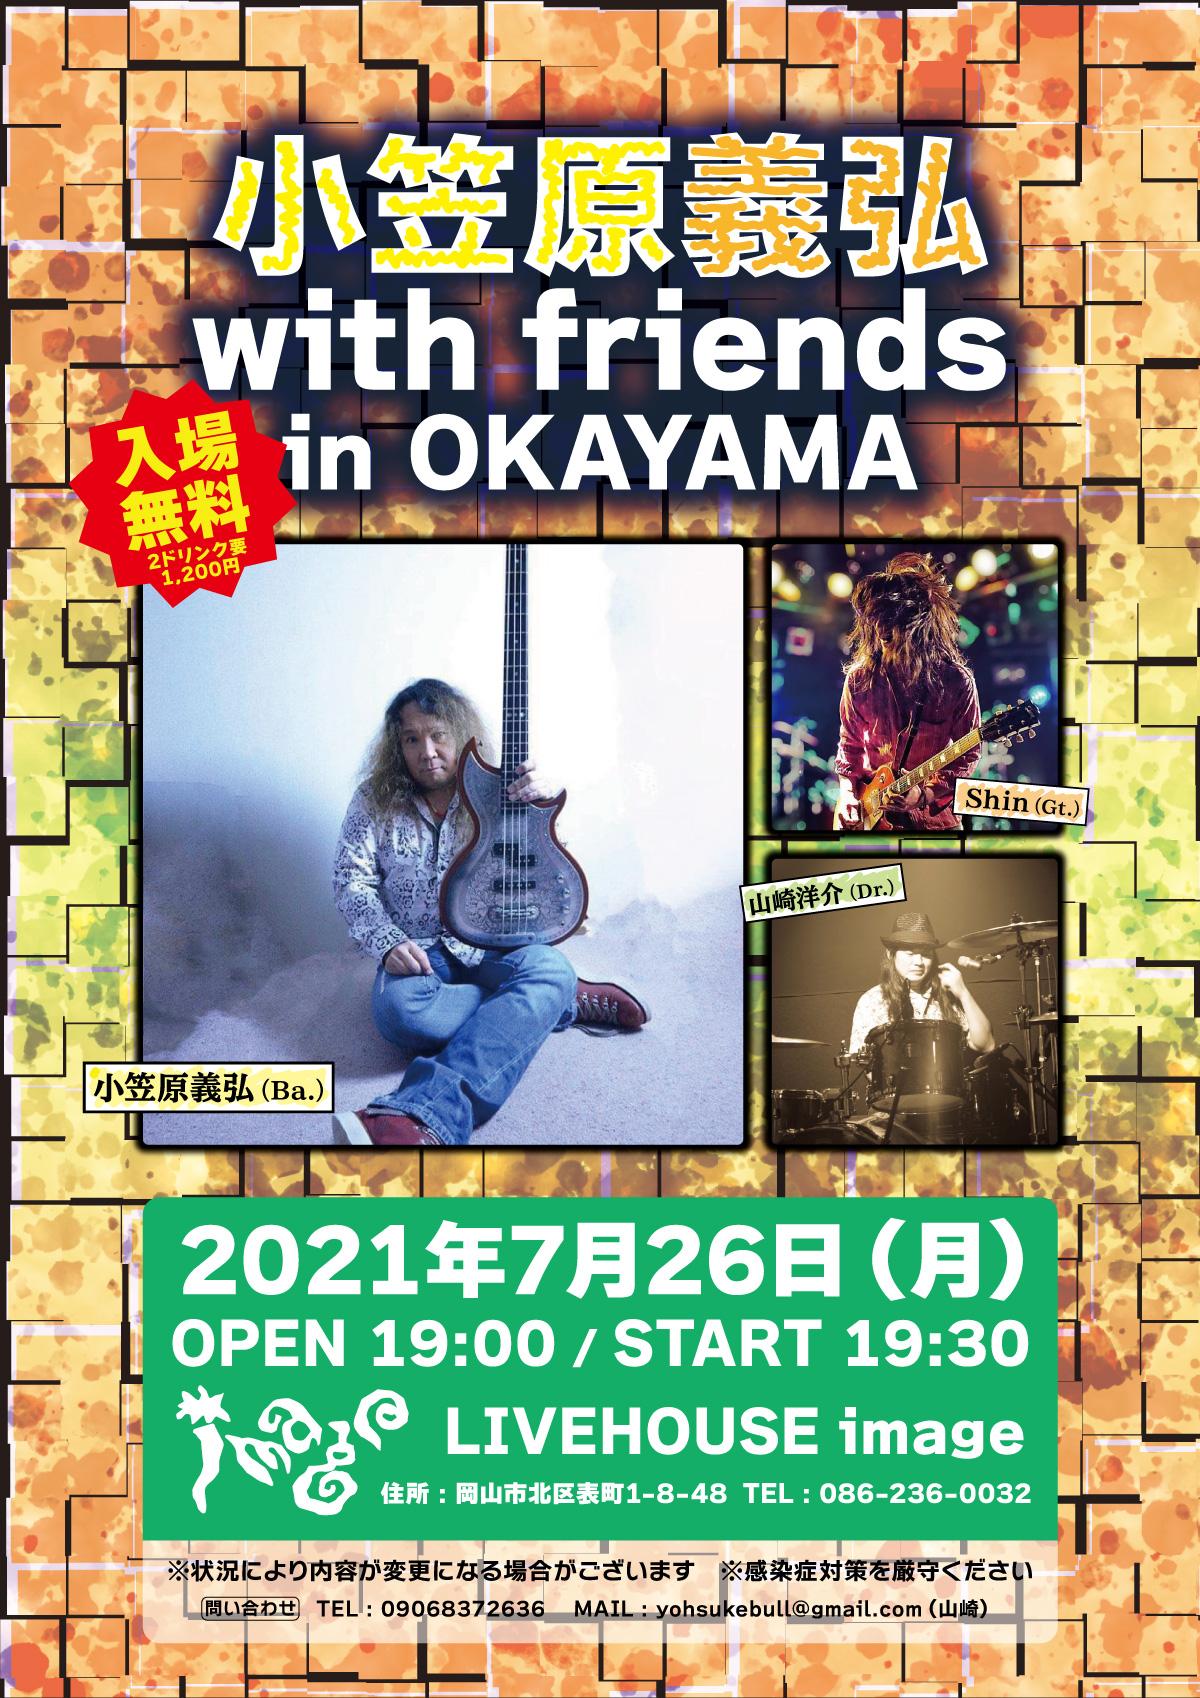 小笠原義弘with friends in OKAYAMA